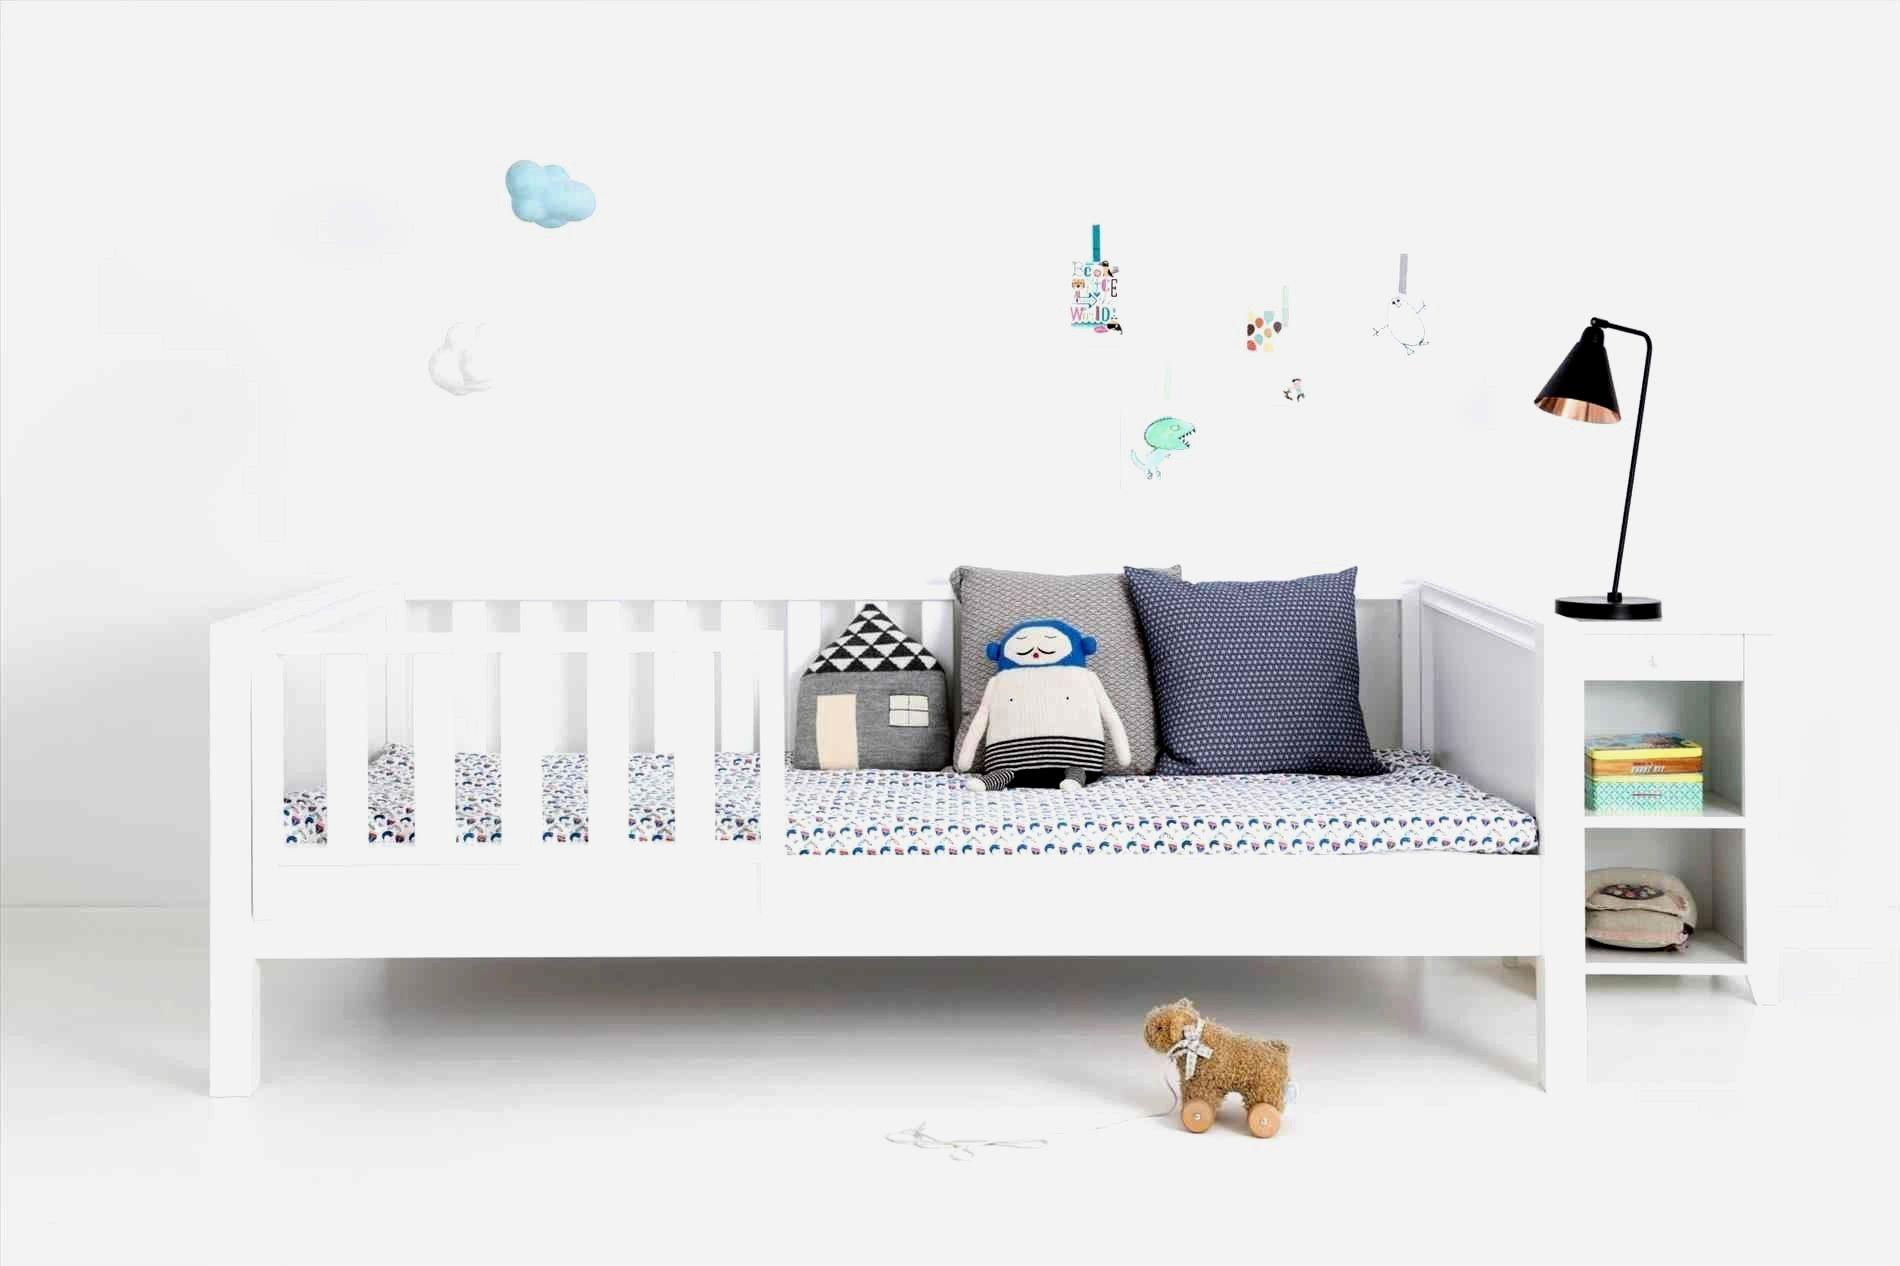 Ziemlich Kinderbett Kleinkind Phaenomenale Inspiration Bett Mit Rausfallschutz Und Guenstige 90x200 B Rausfallschutz Kinderbett Kinderbett Kleinkind Kinderbett